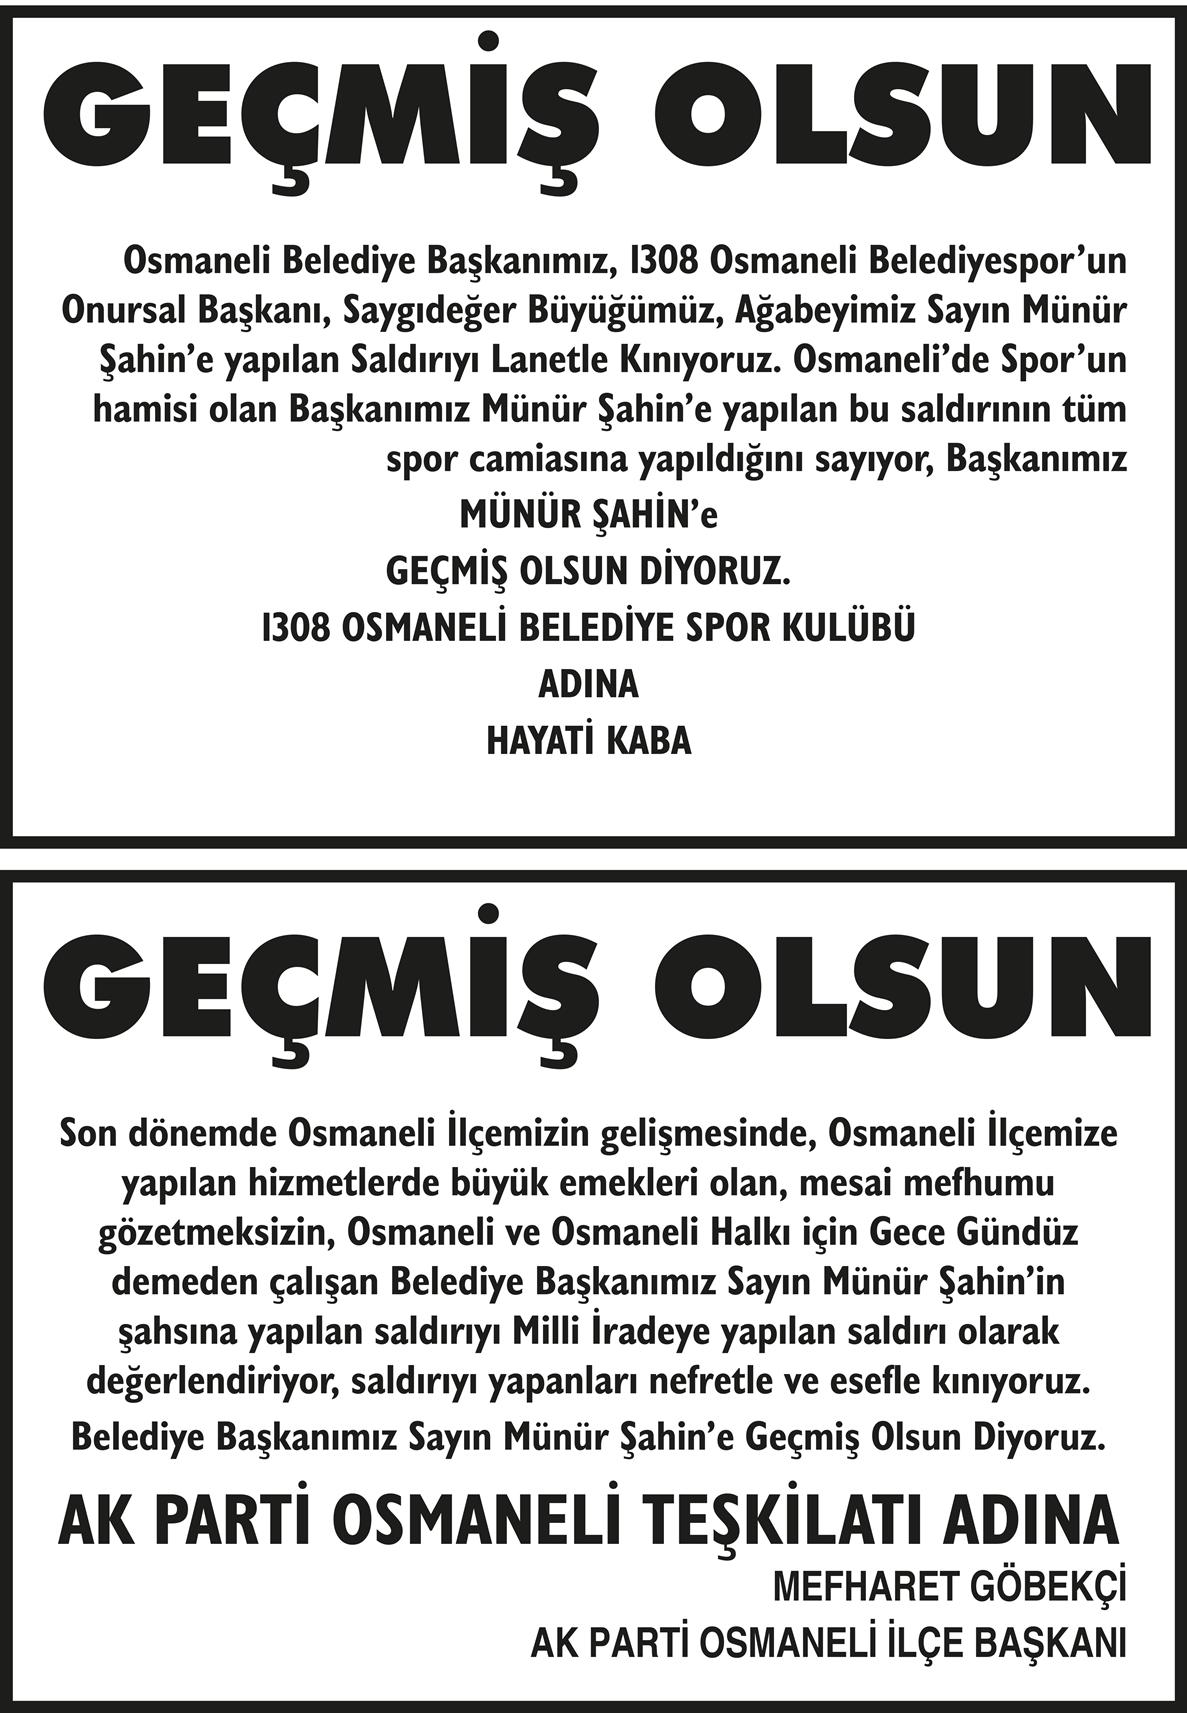 gecmis-olsun-(1).jpg